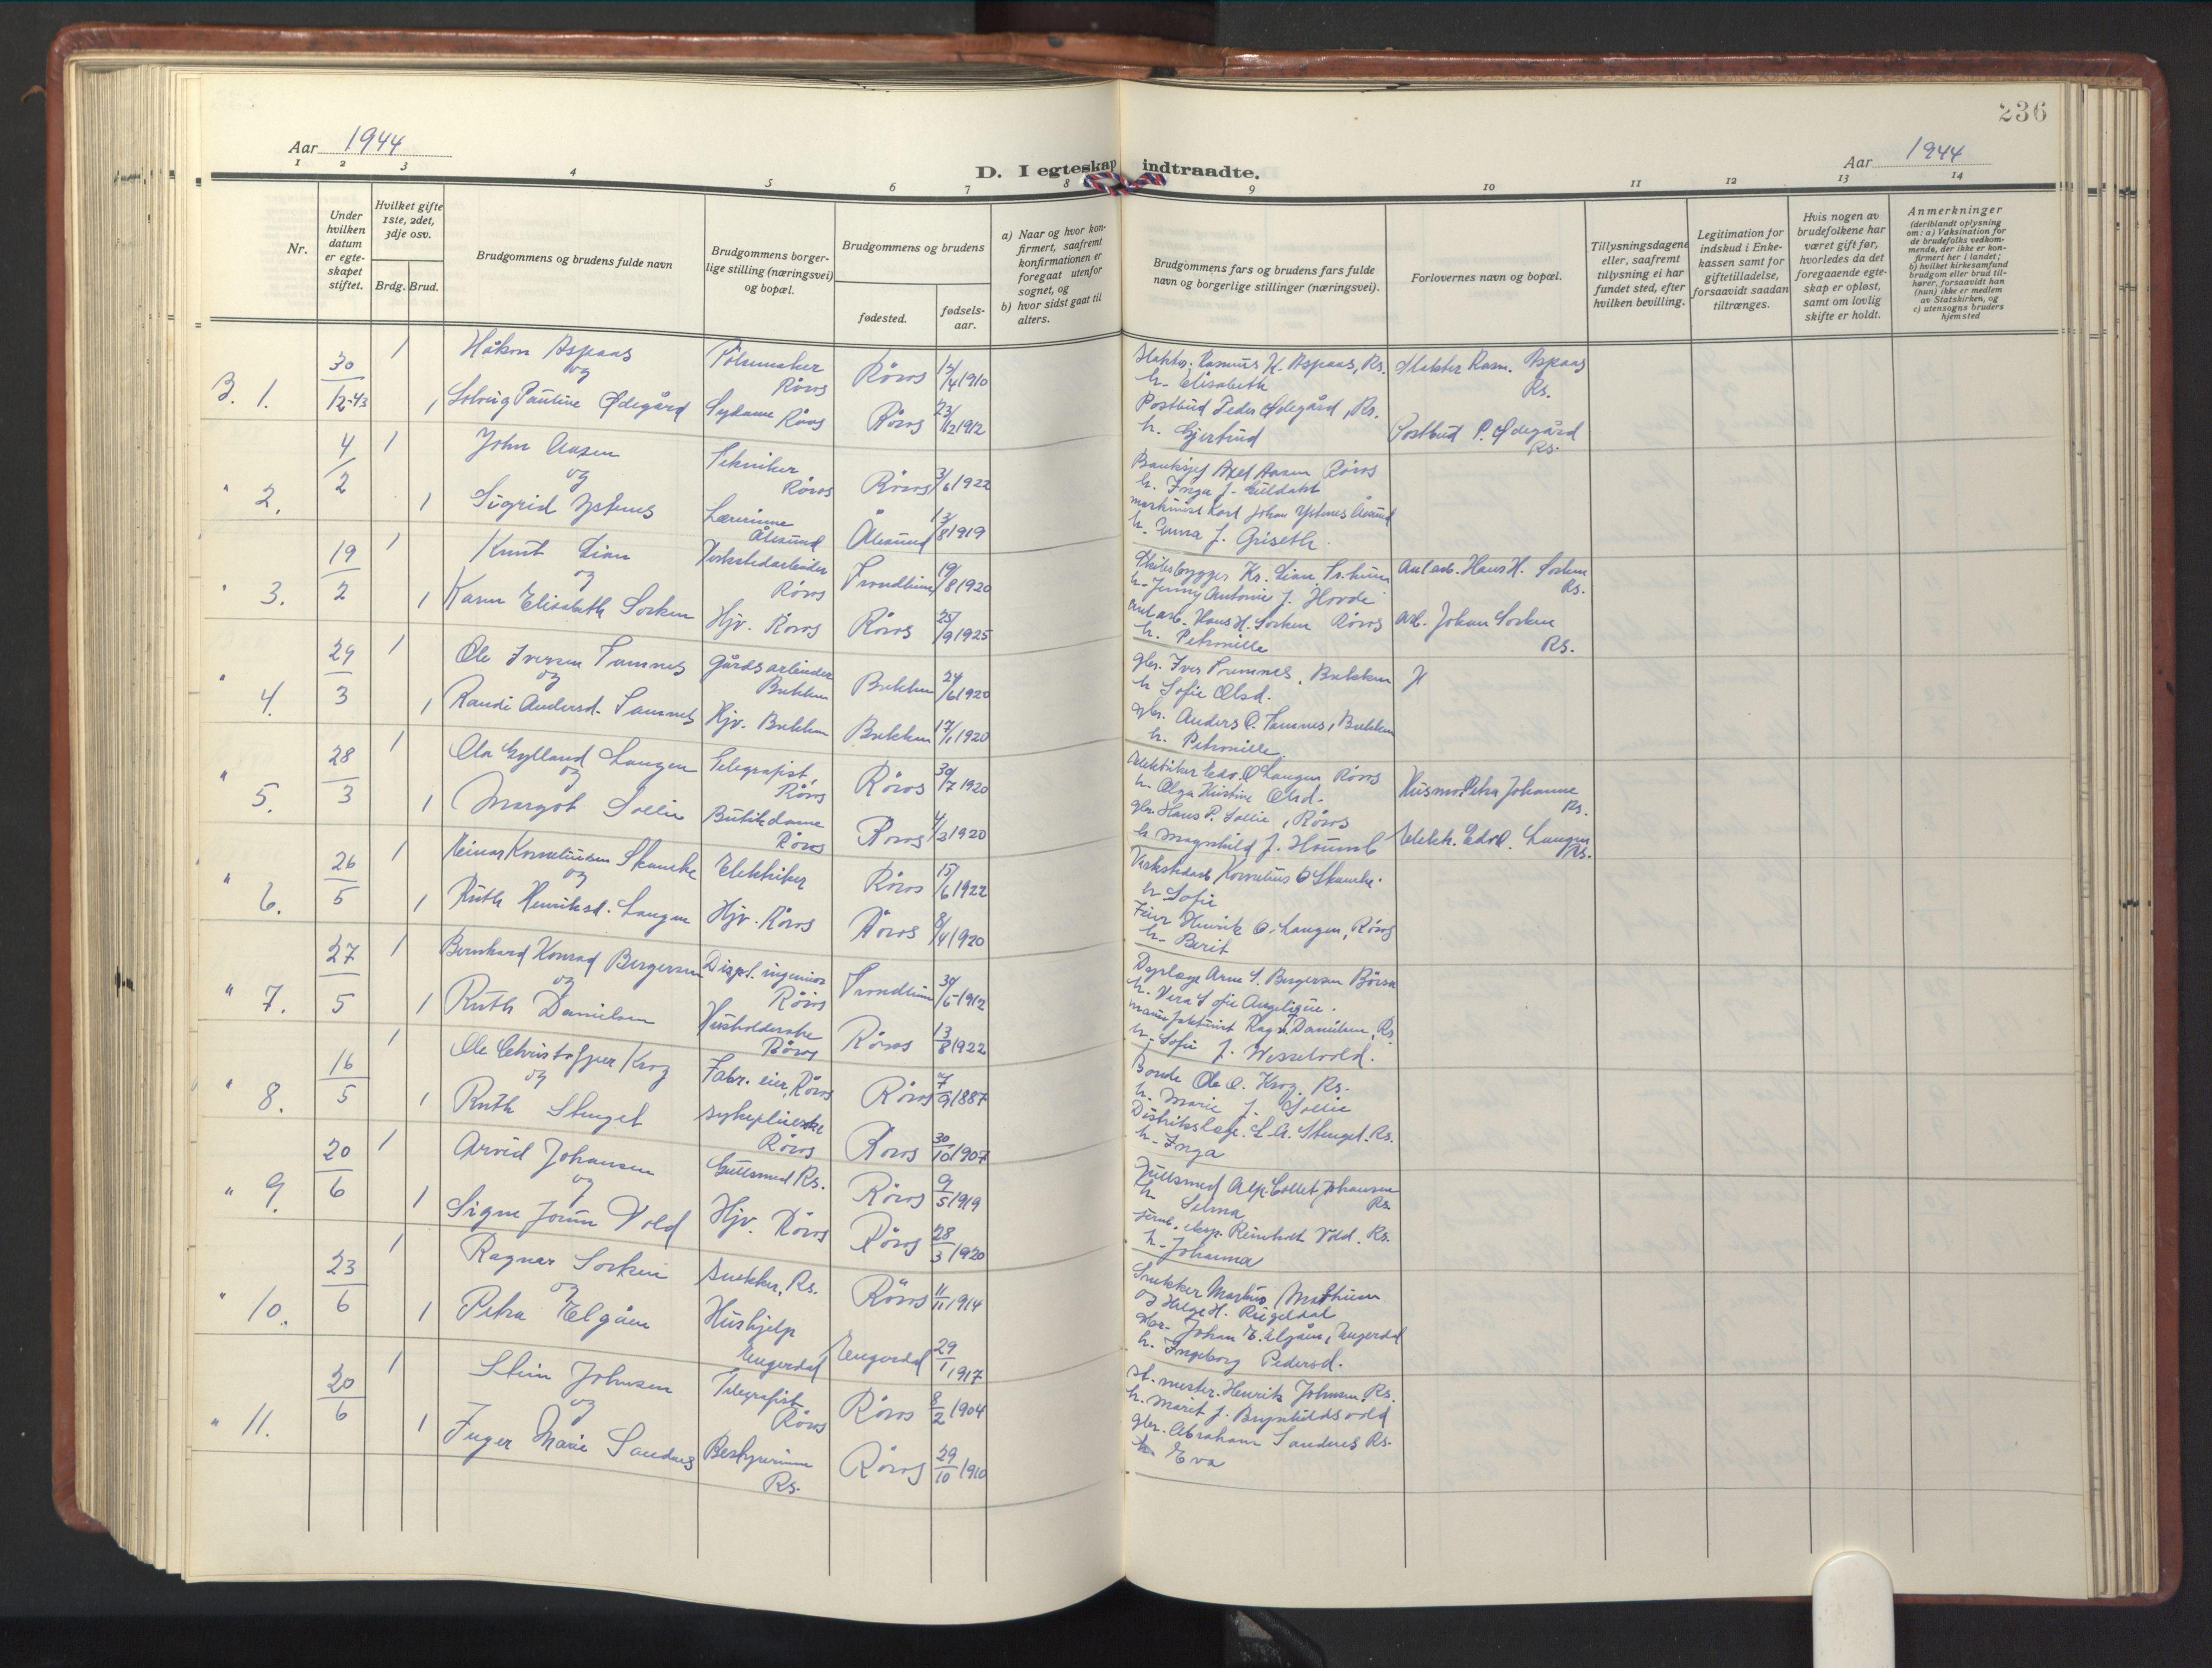 SAT, Ministerialprotokoller, klokkerbøker og fødselsregistre - Sør-Trøndelag, 681/L0943: Klokkerbok nr. 681C07, 1926-1954, s. 236